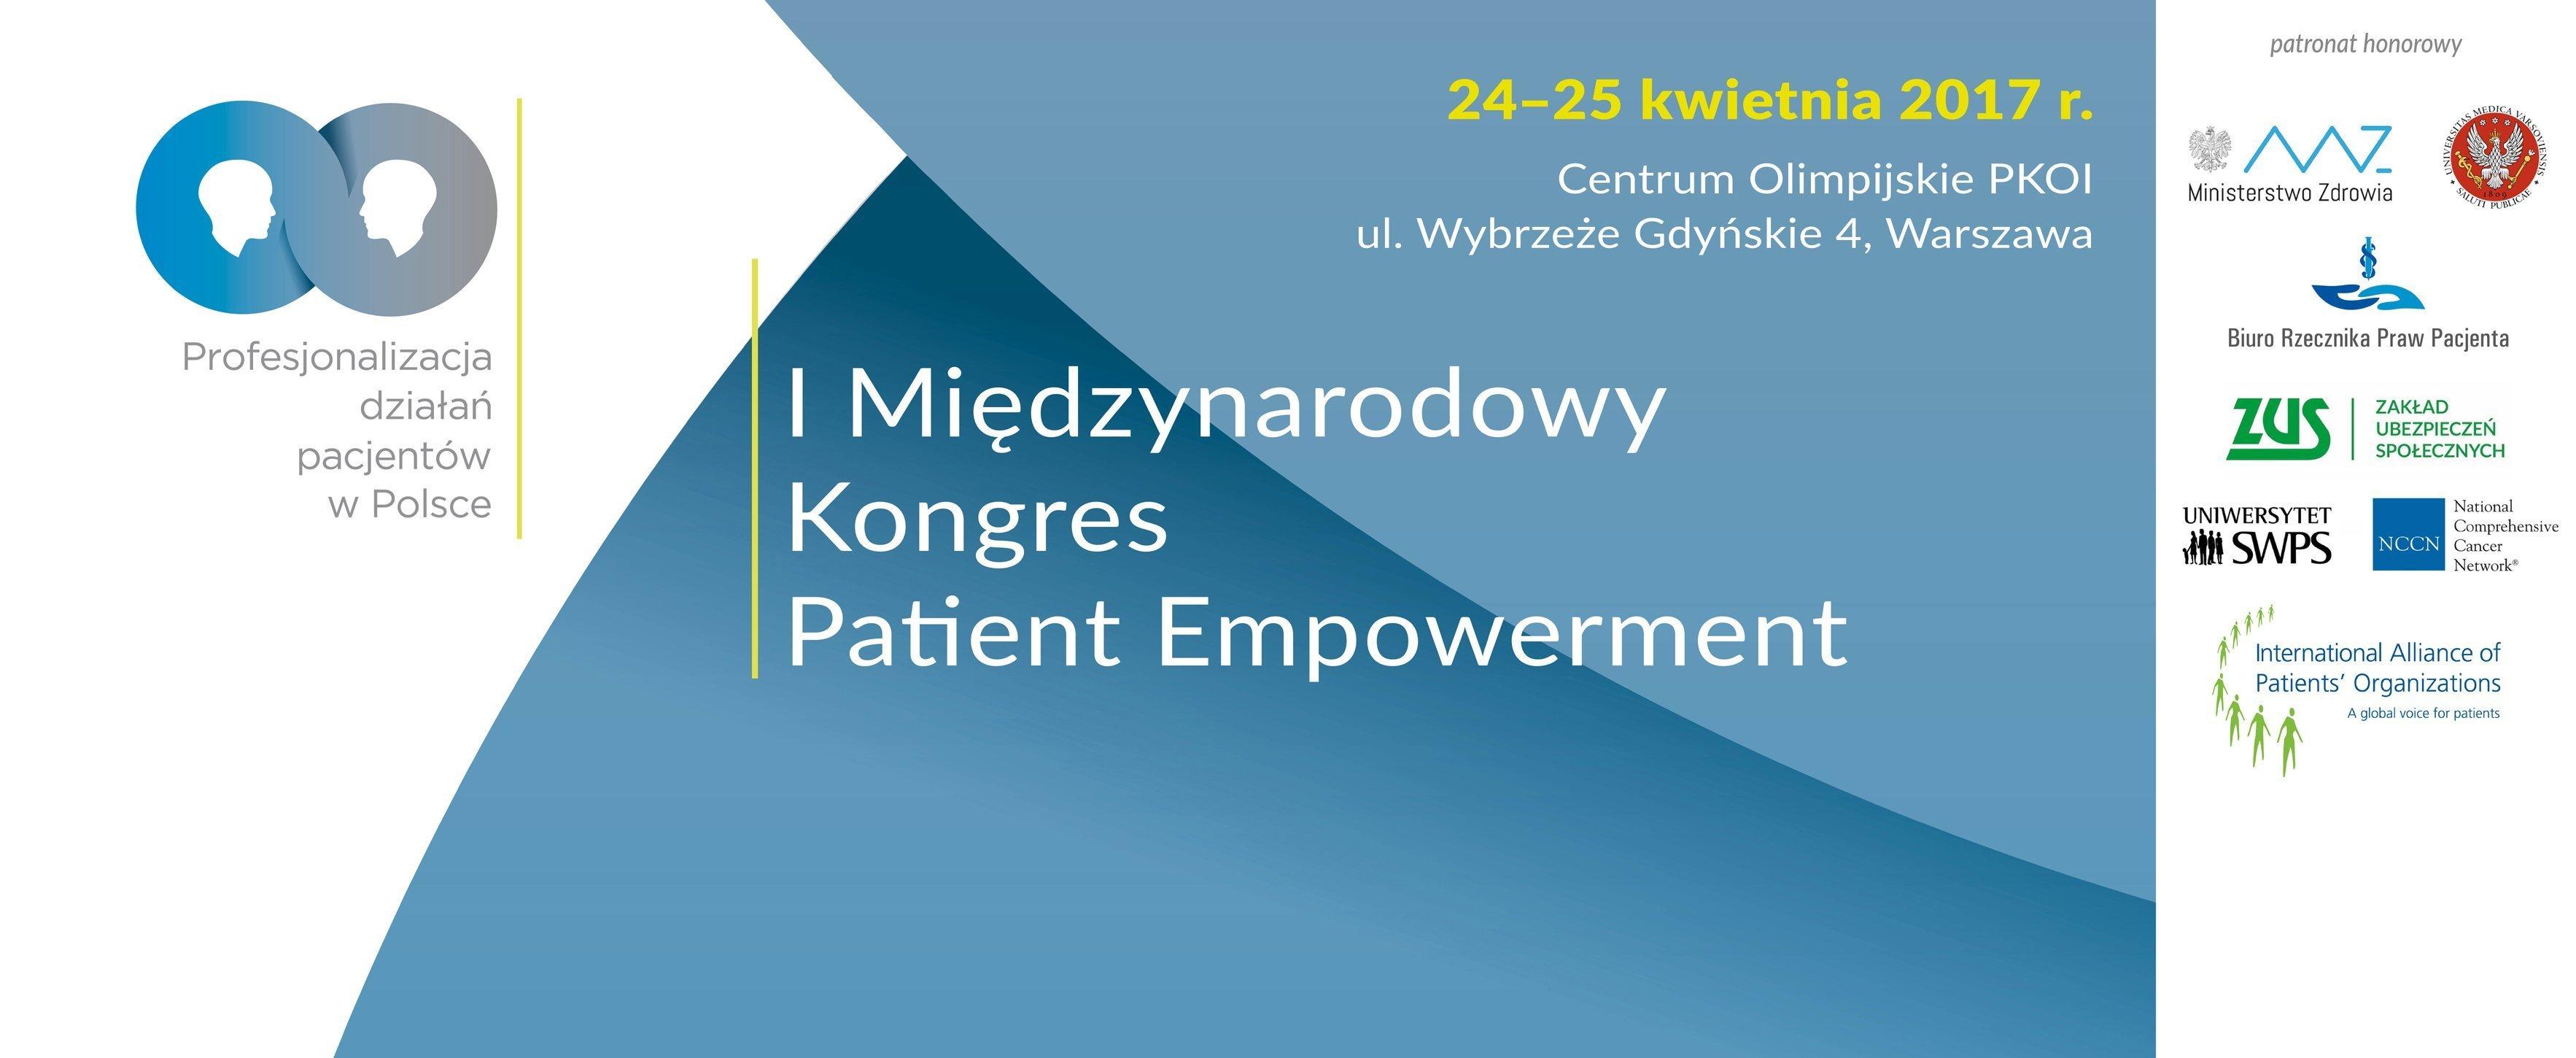 Pacjent, jako partner I Międzynarodowy Kongres Patient Empowerment